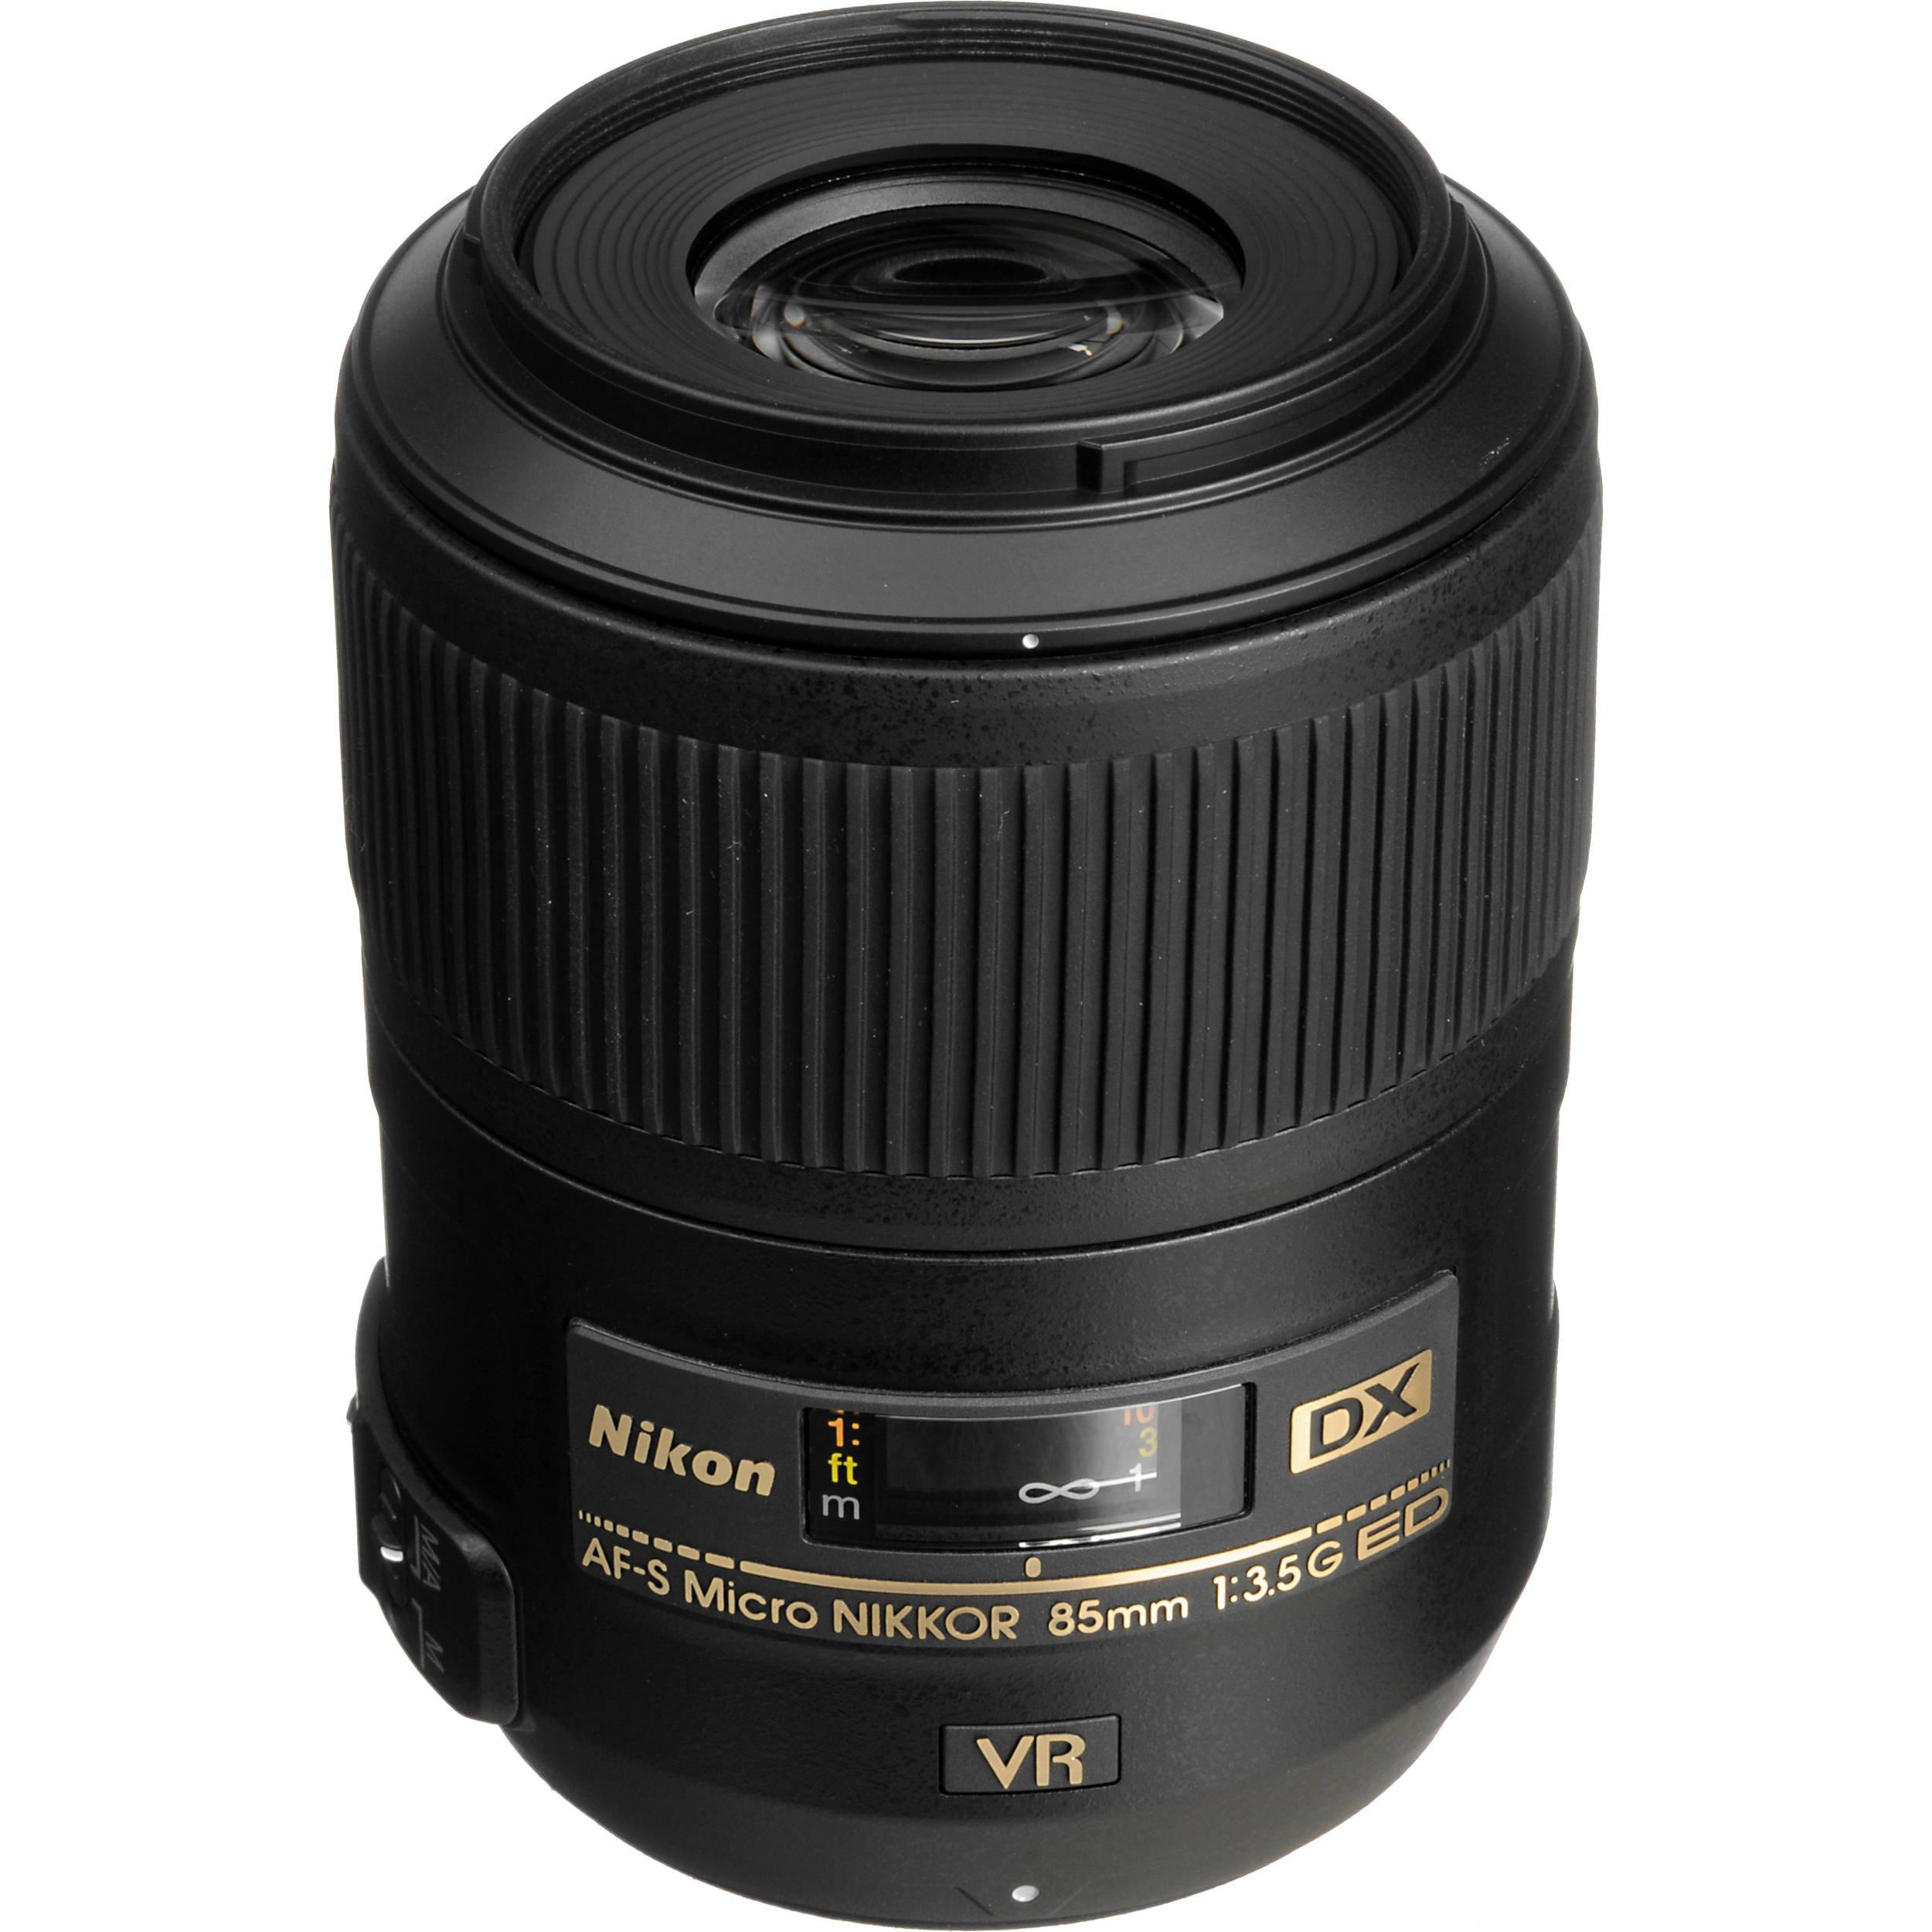 Nikon AF-S DX Micro NIKKOR 85mm f/3.5G ED VR Lens Advanced Bundle by Nikon (Image #2)